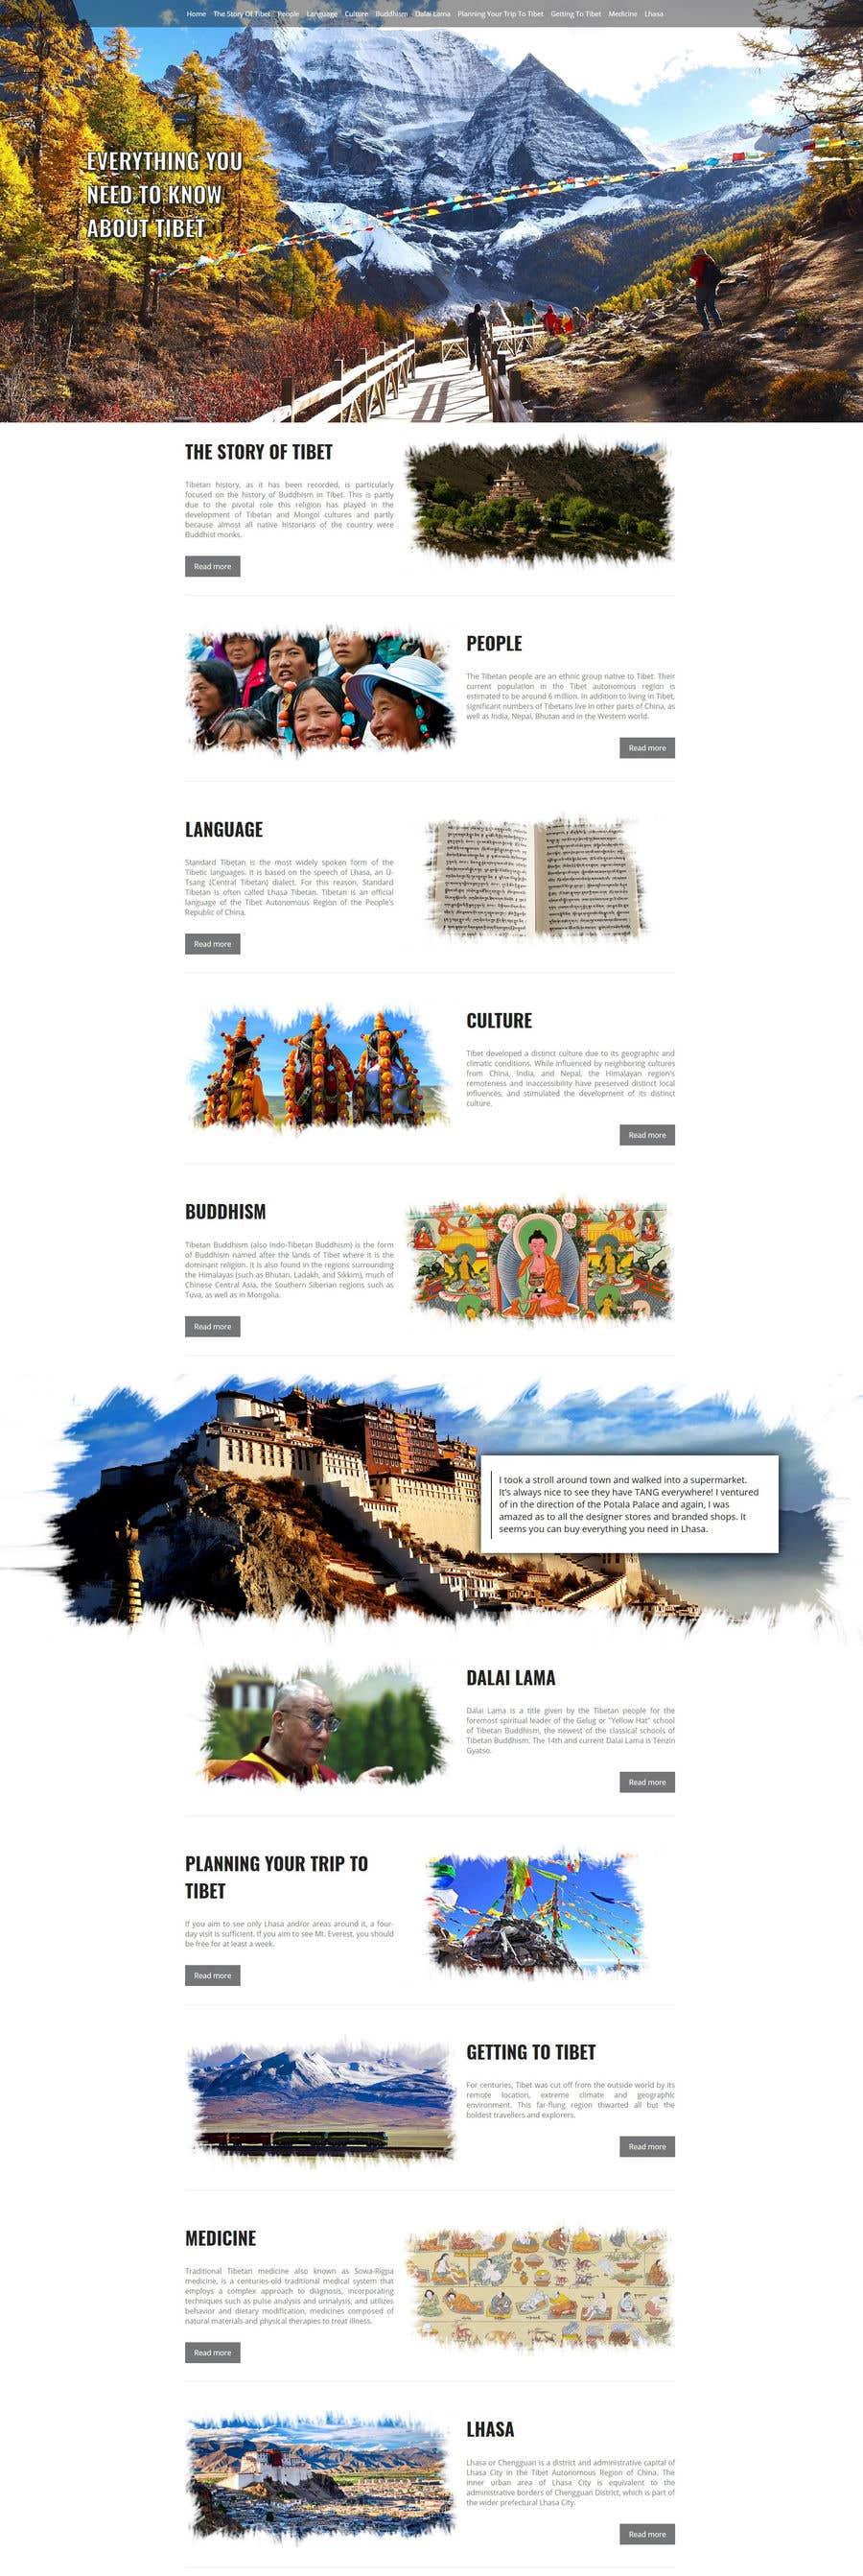 Inscrição nº 15 do Concurso para Zbuduj stronę internetową - Design the main page for the website.